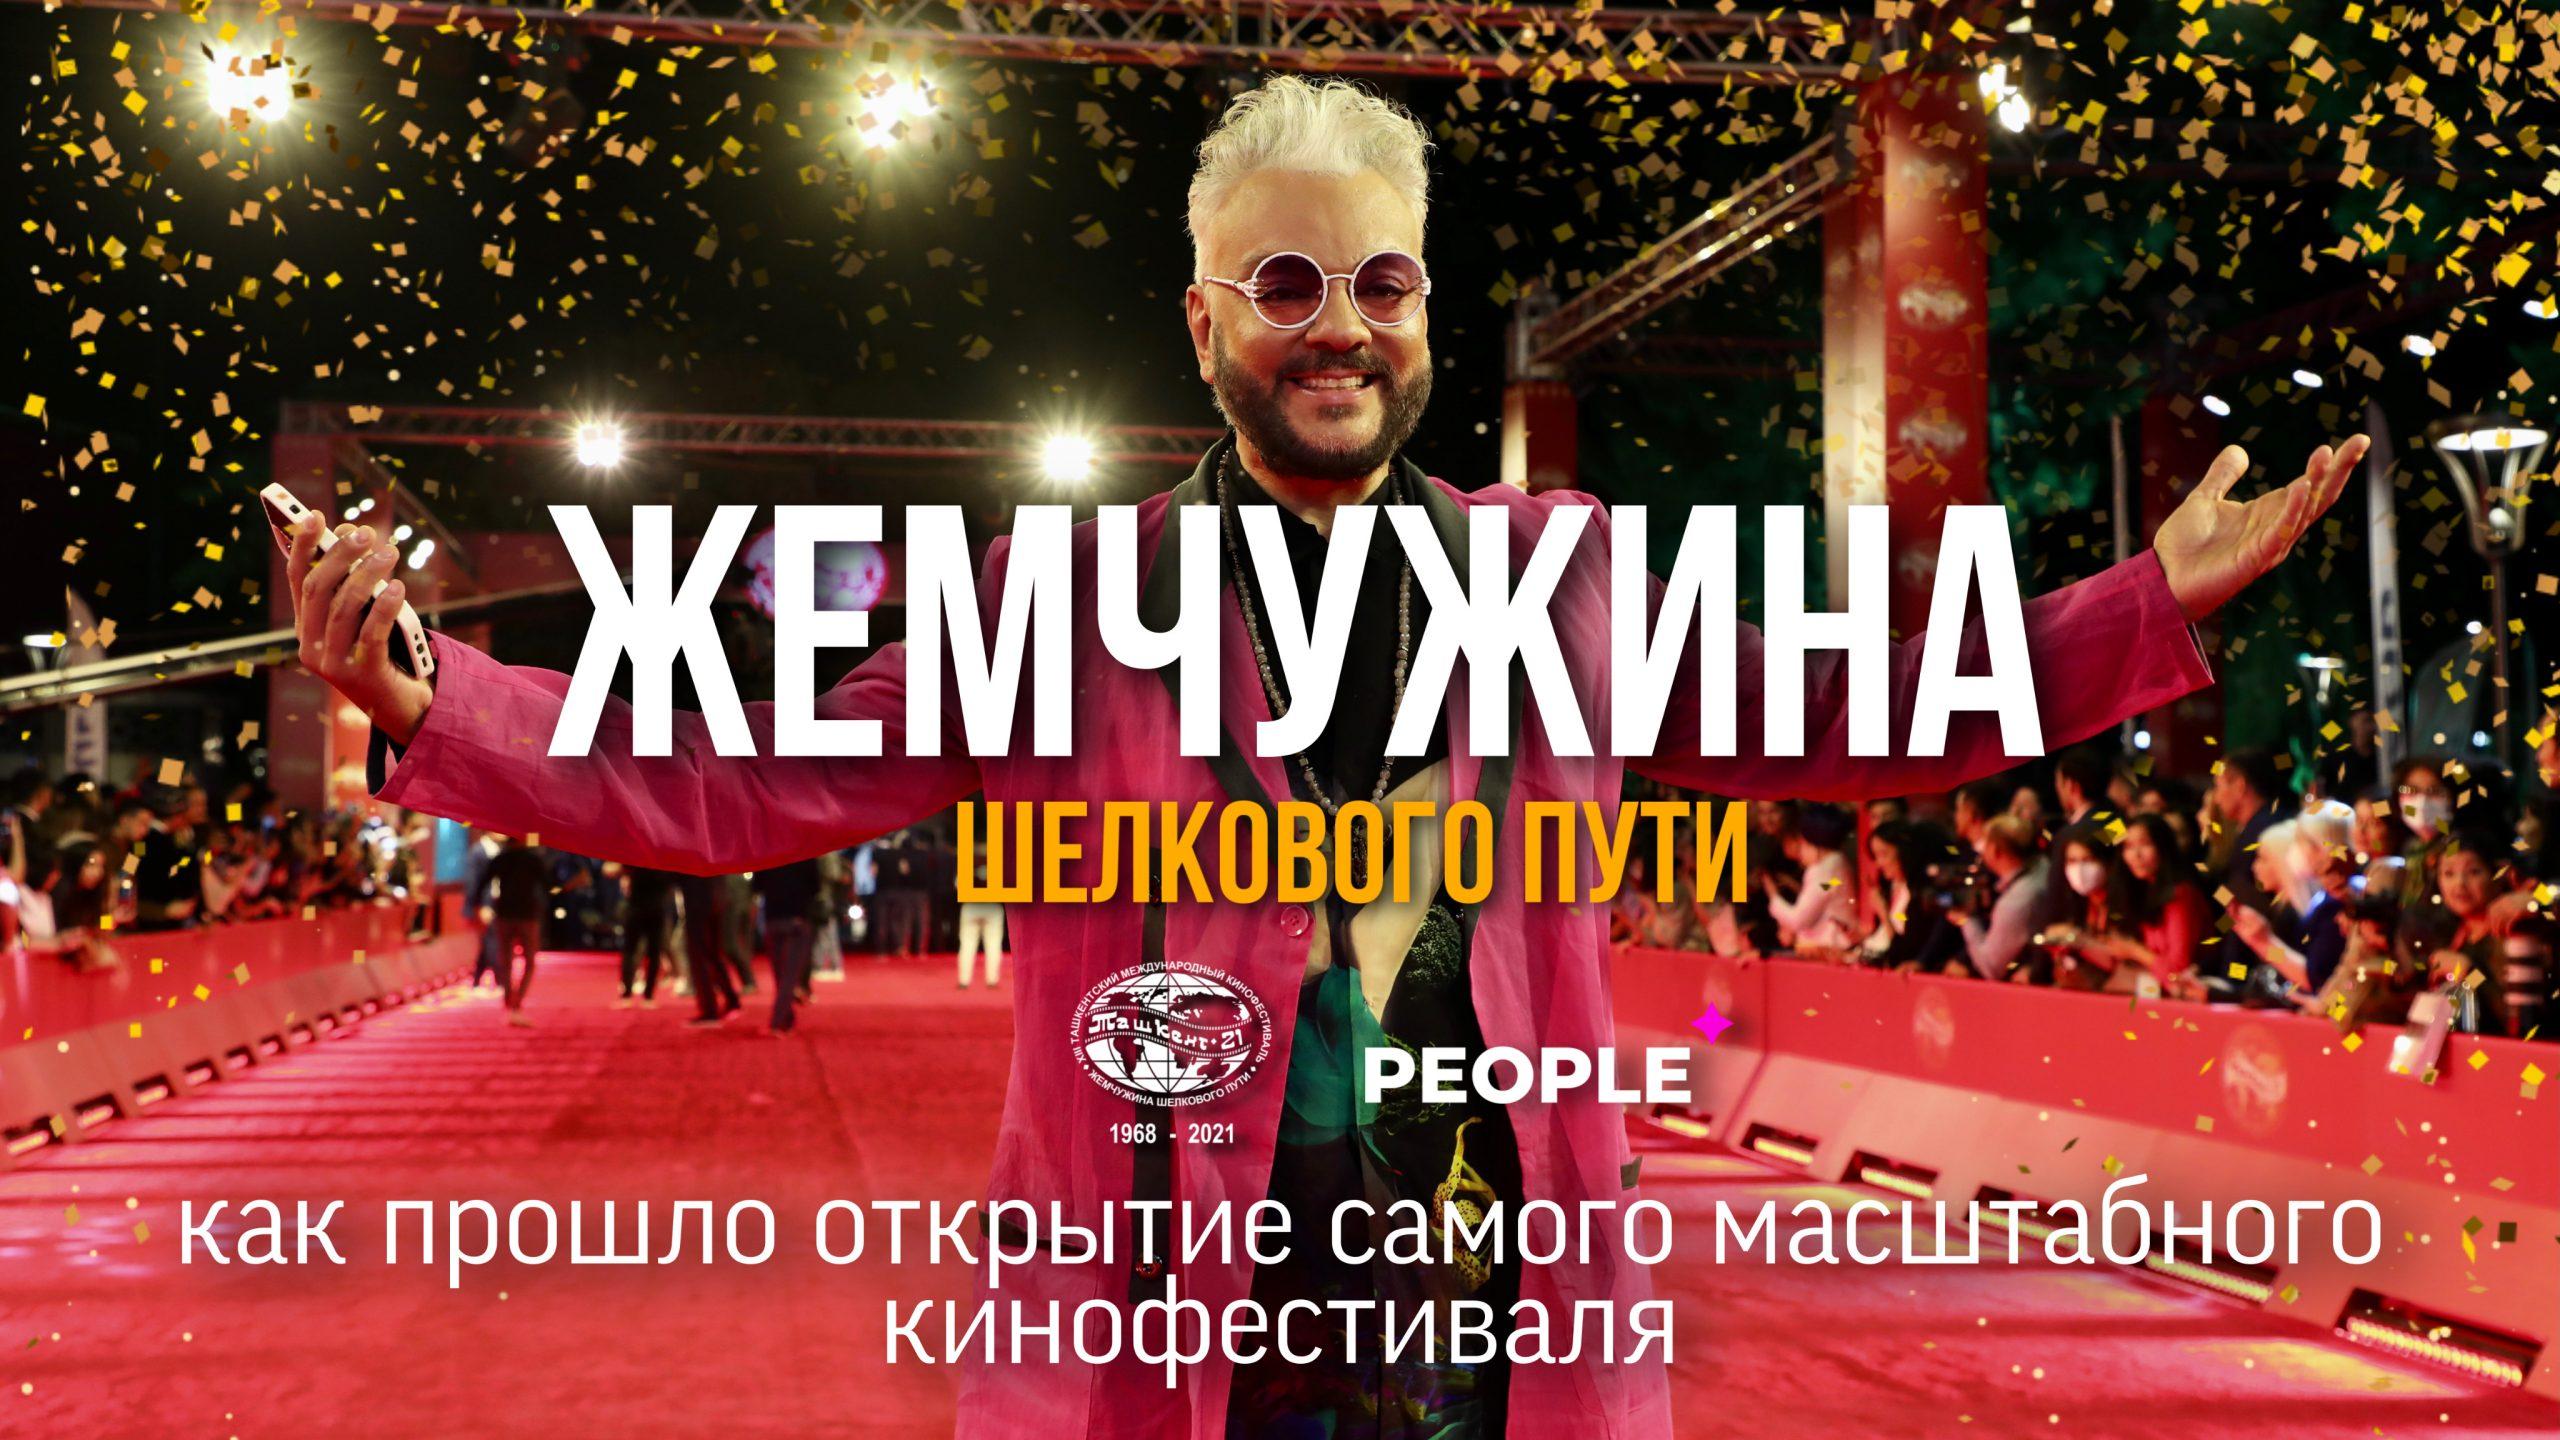 Красная дорожка, свет софитов и андижанская полька с лазерами: как прошло открытие самого грандиозного кинофестиваля в Ташкенте